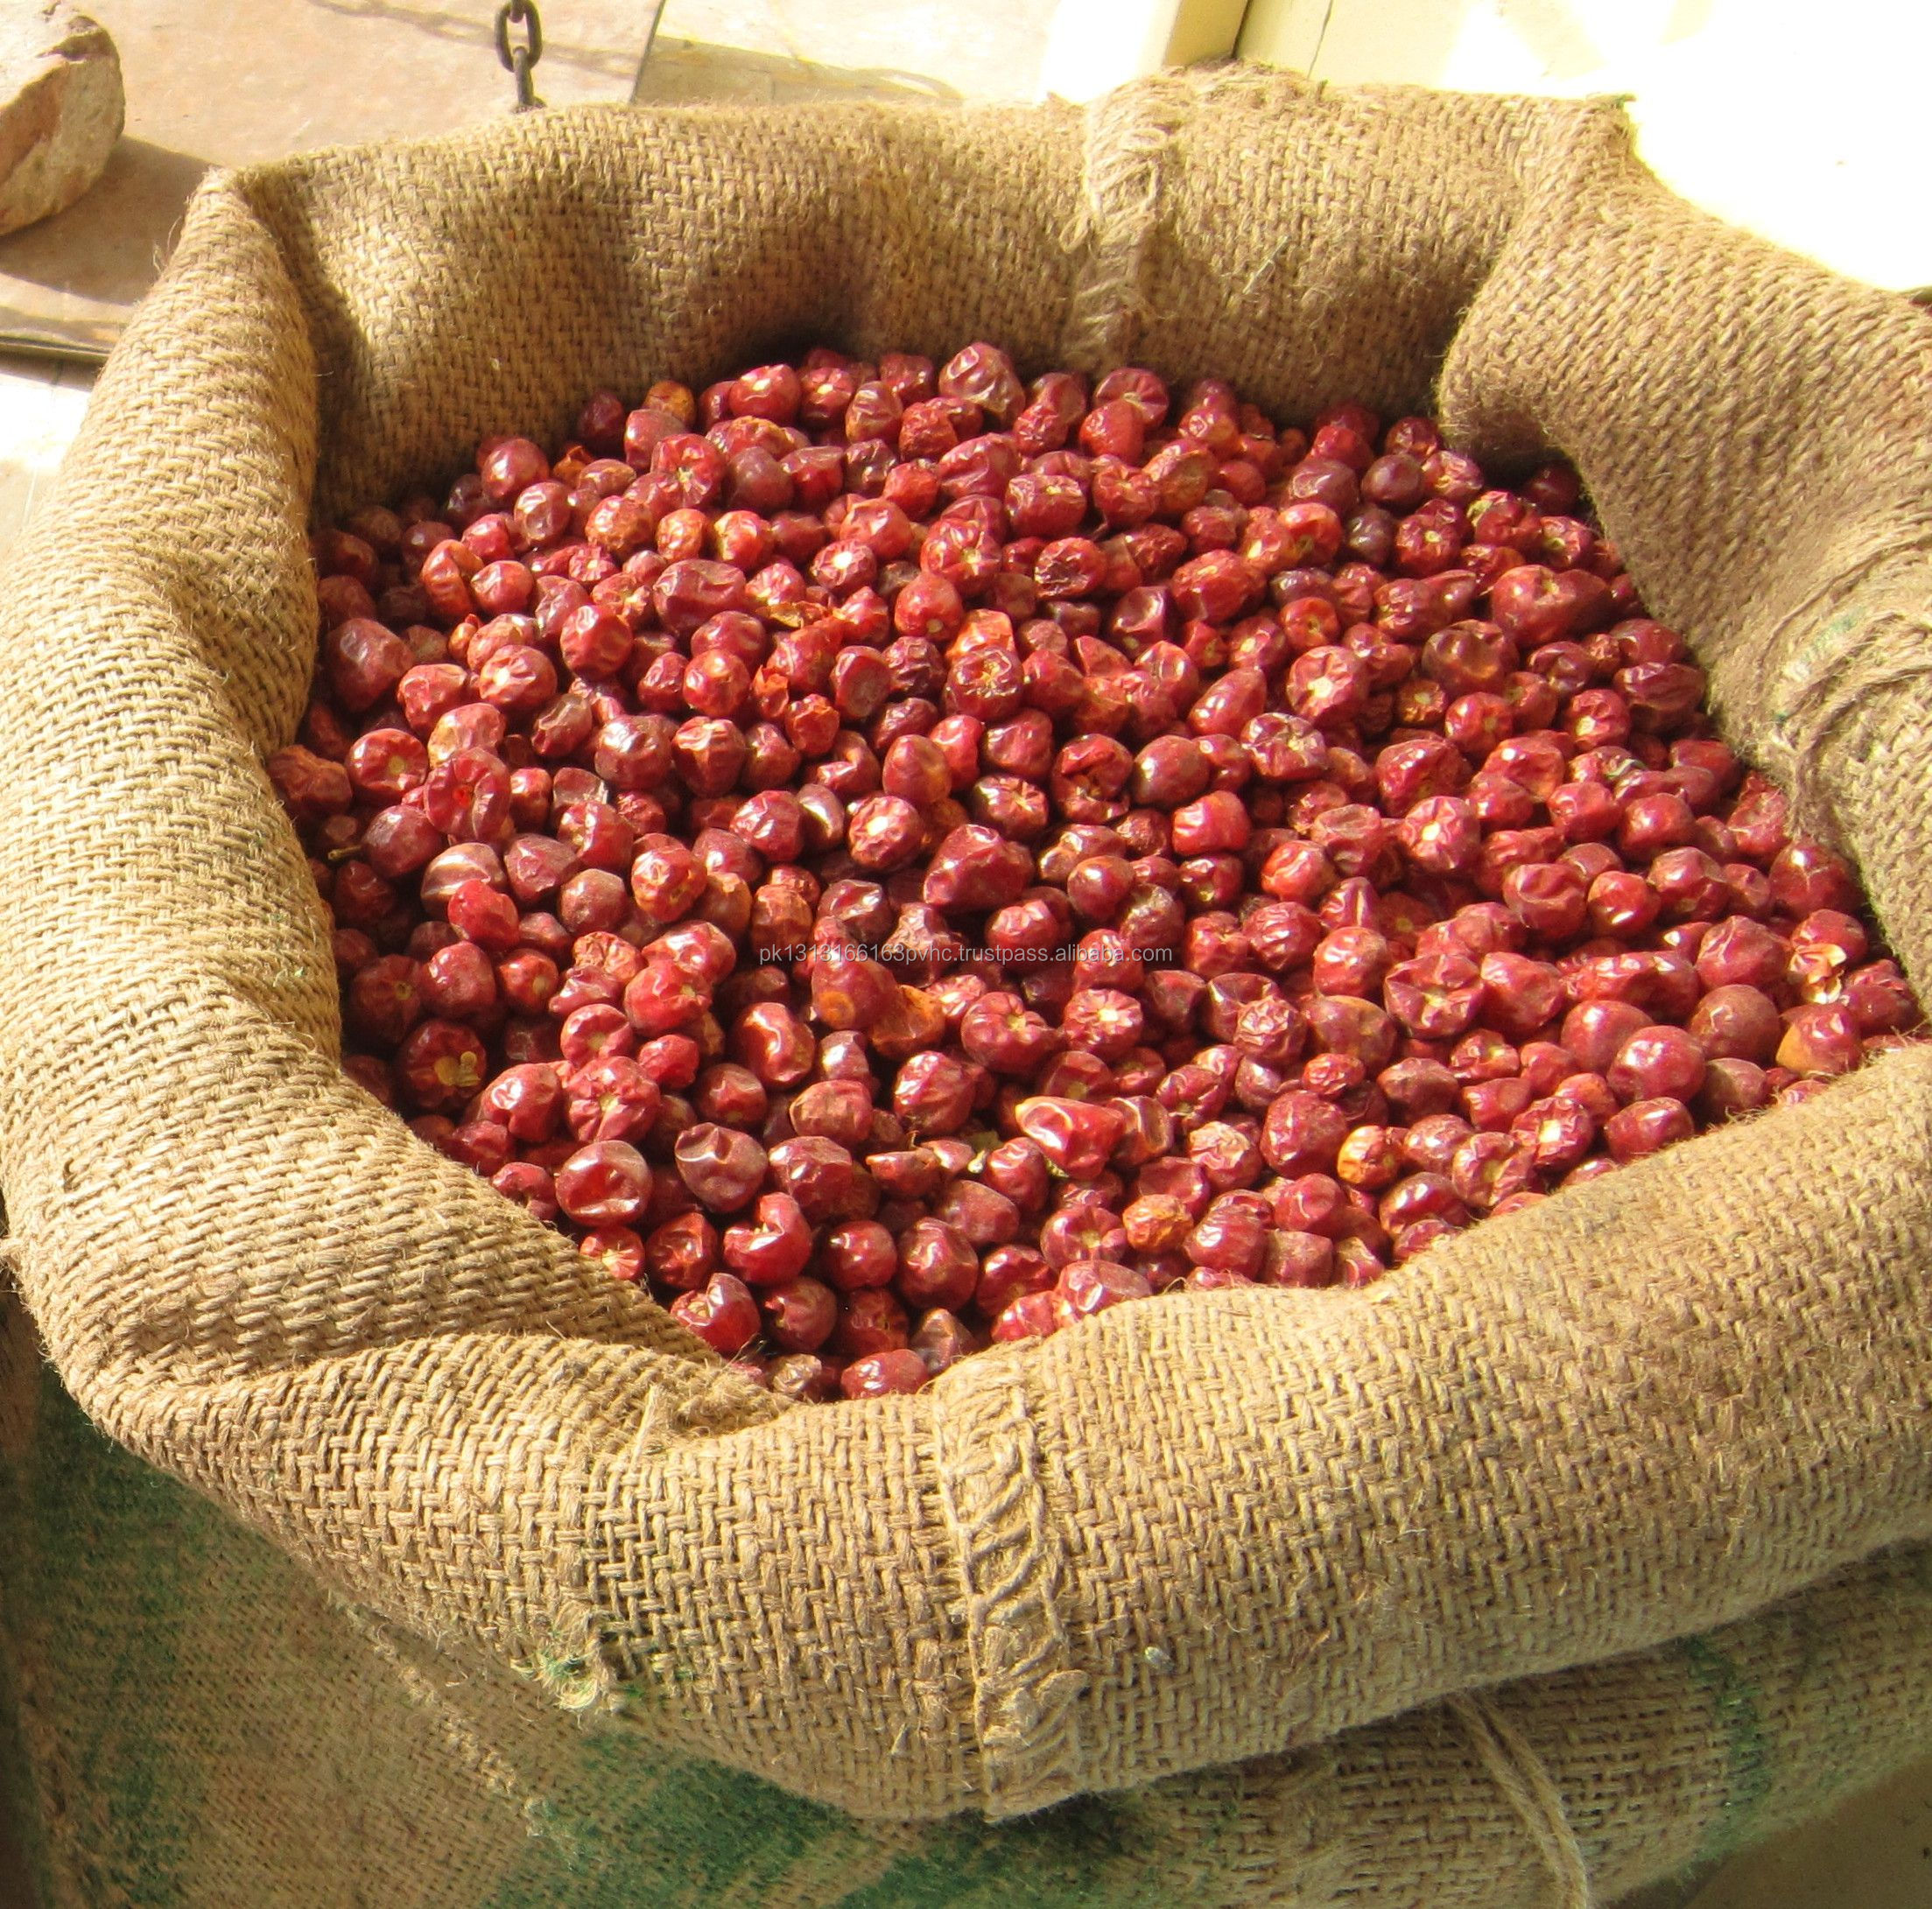 Teja chillies / Pakistani round chili / red round chili